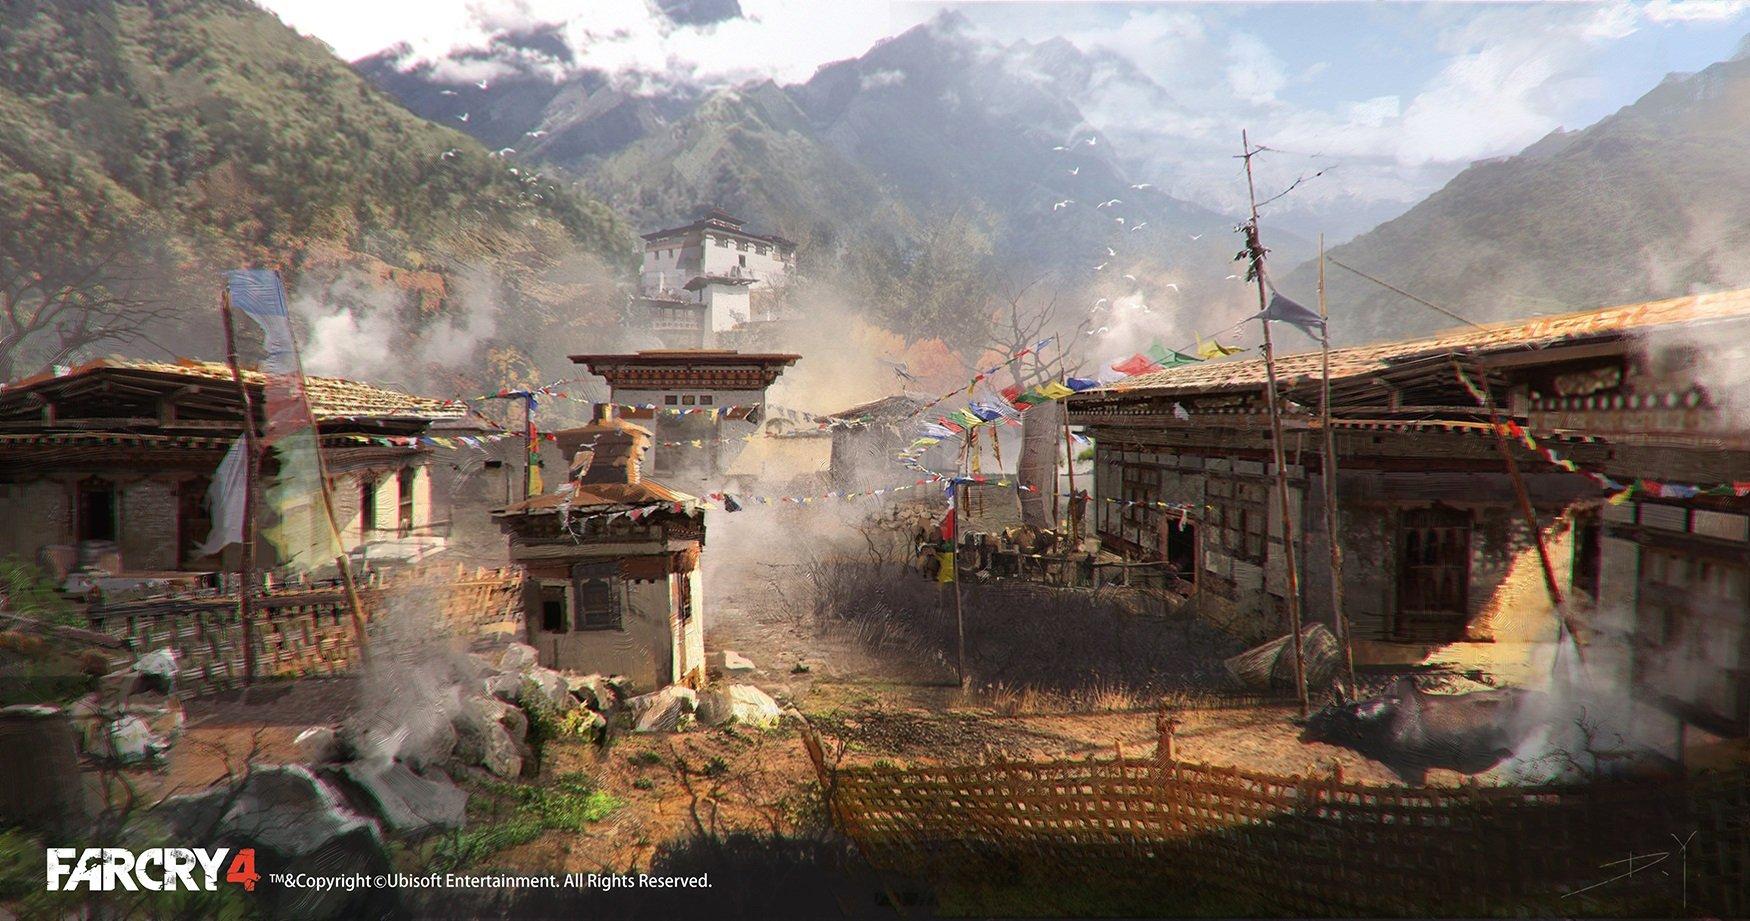 Far Cry 4 Concept Art